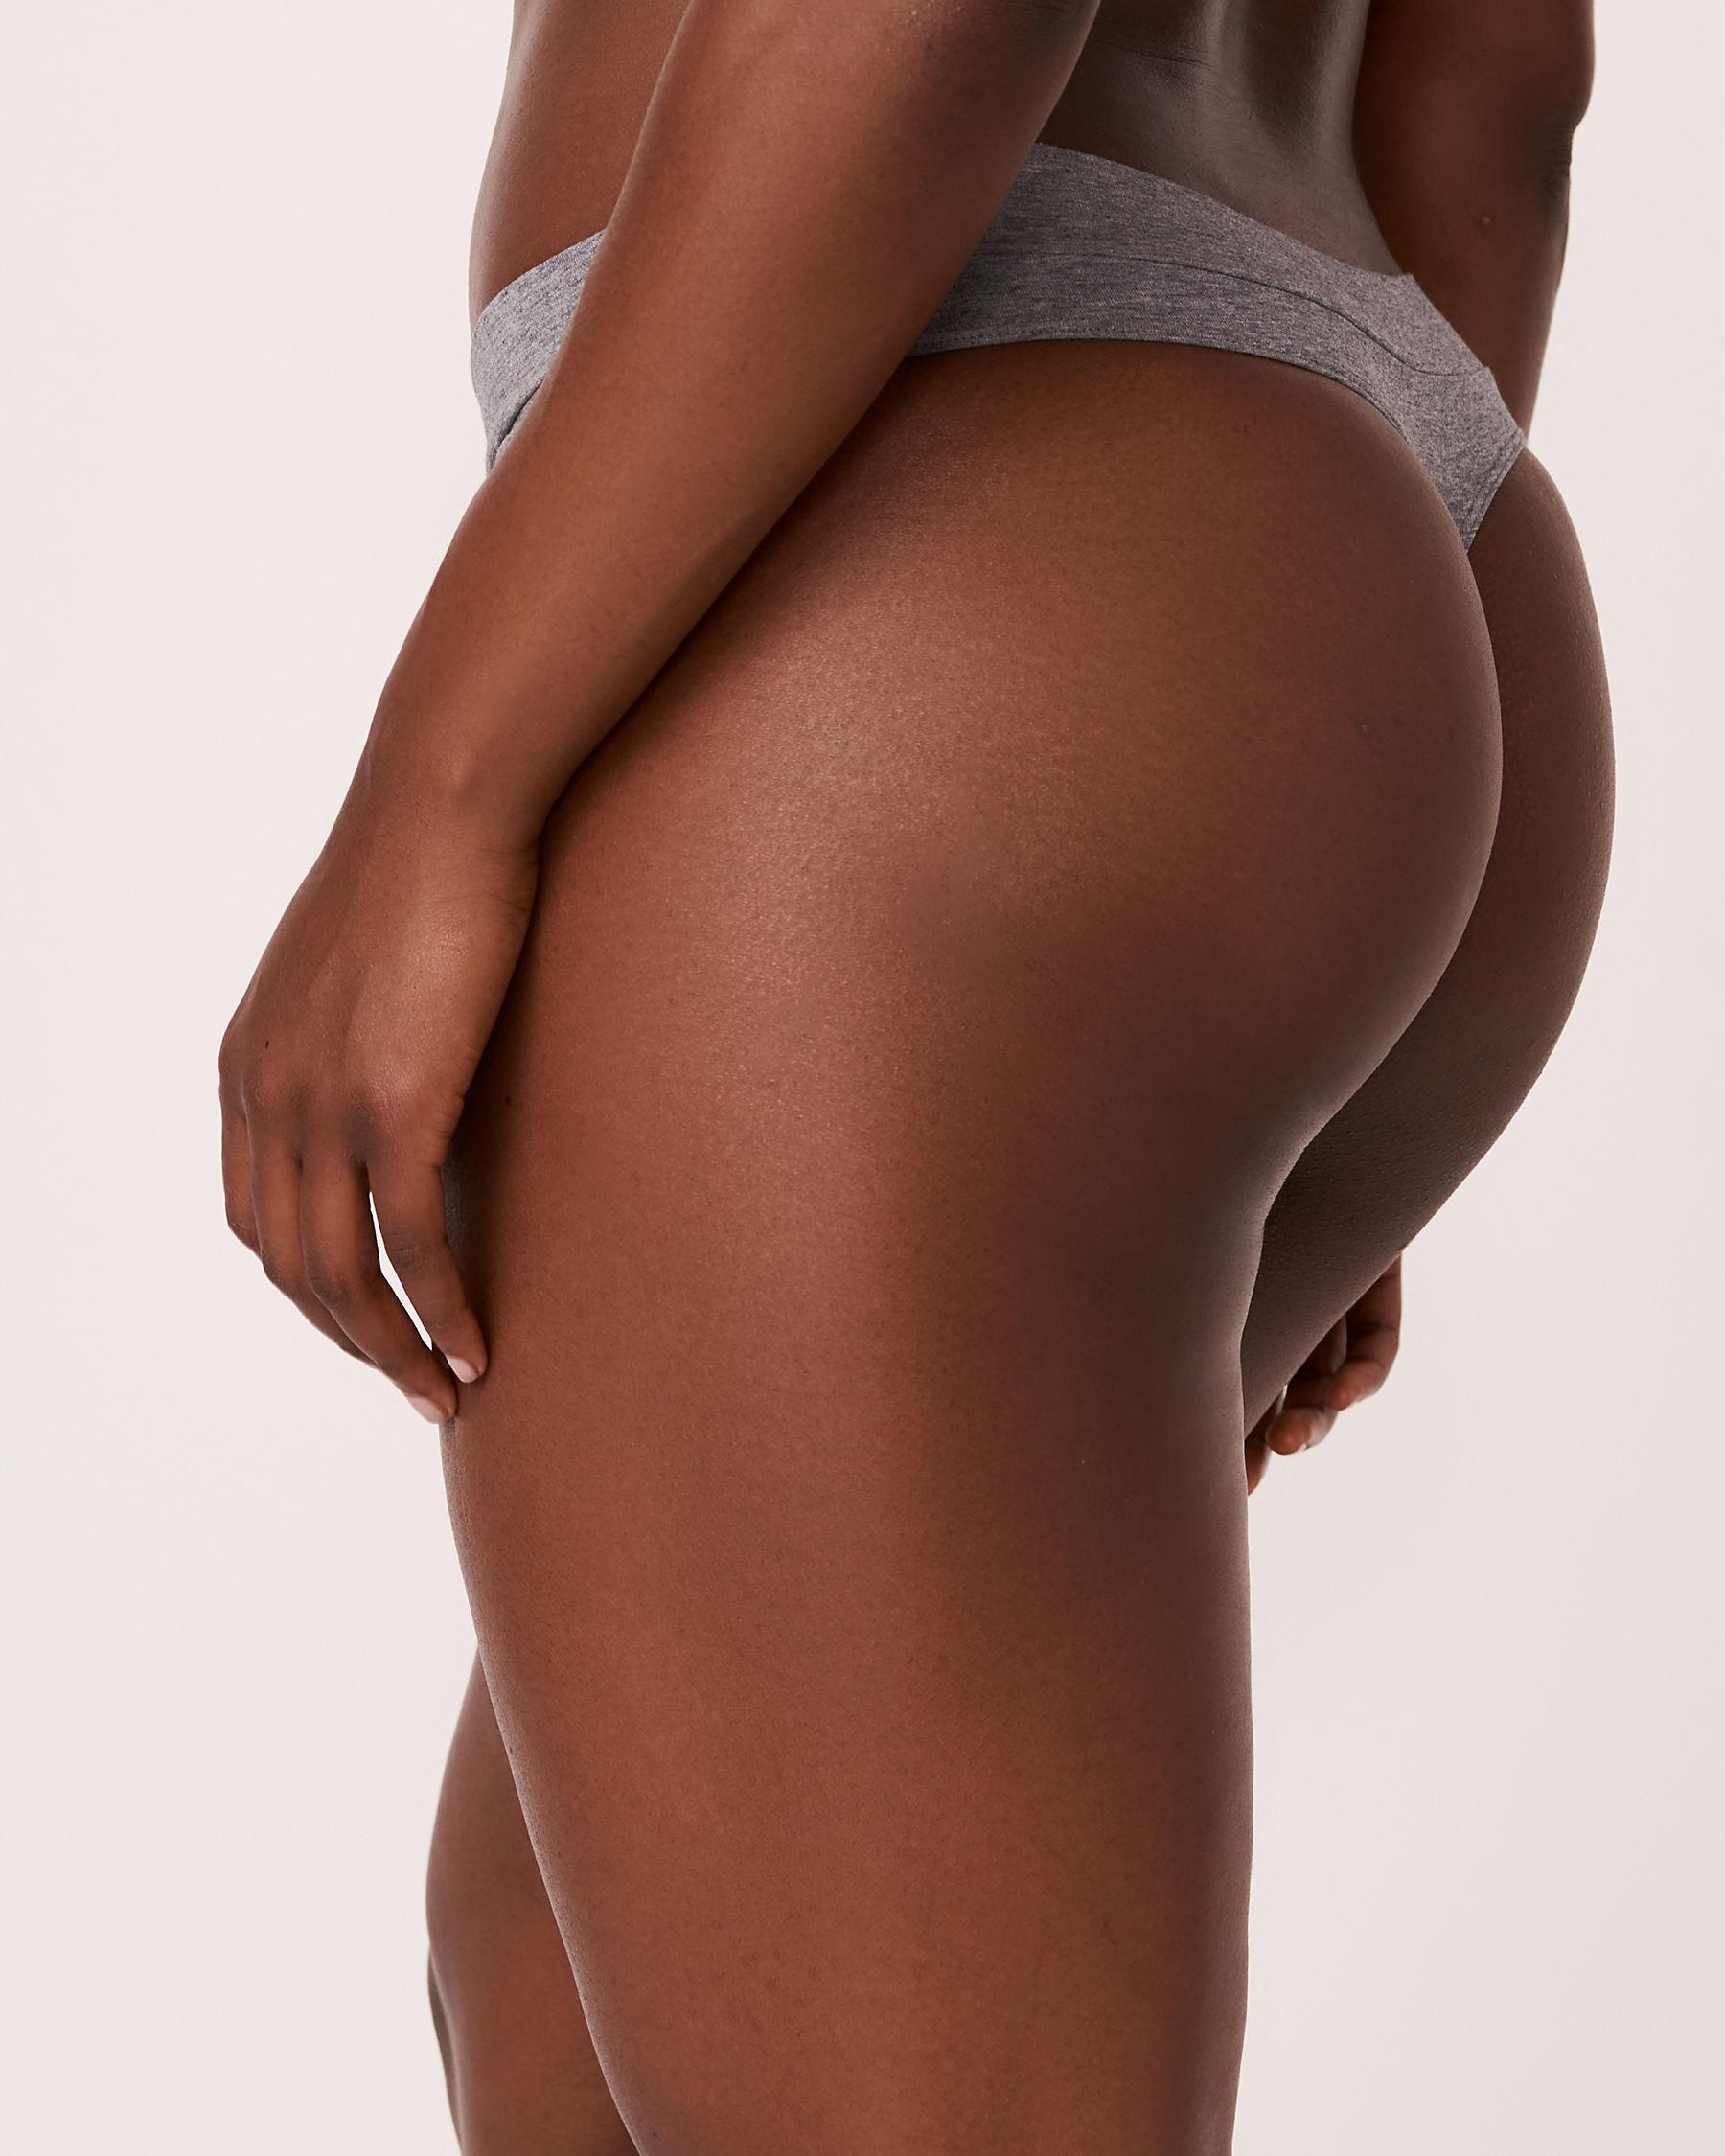 LA VIE EN ROSE Thong Panty Grey 564-211-0-00 - View2